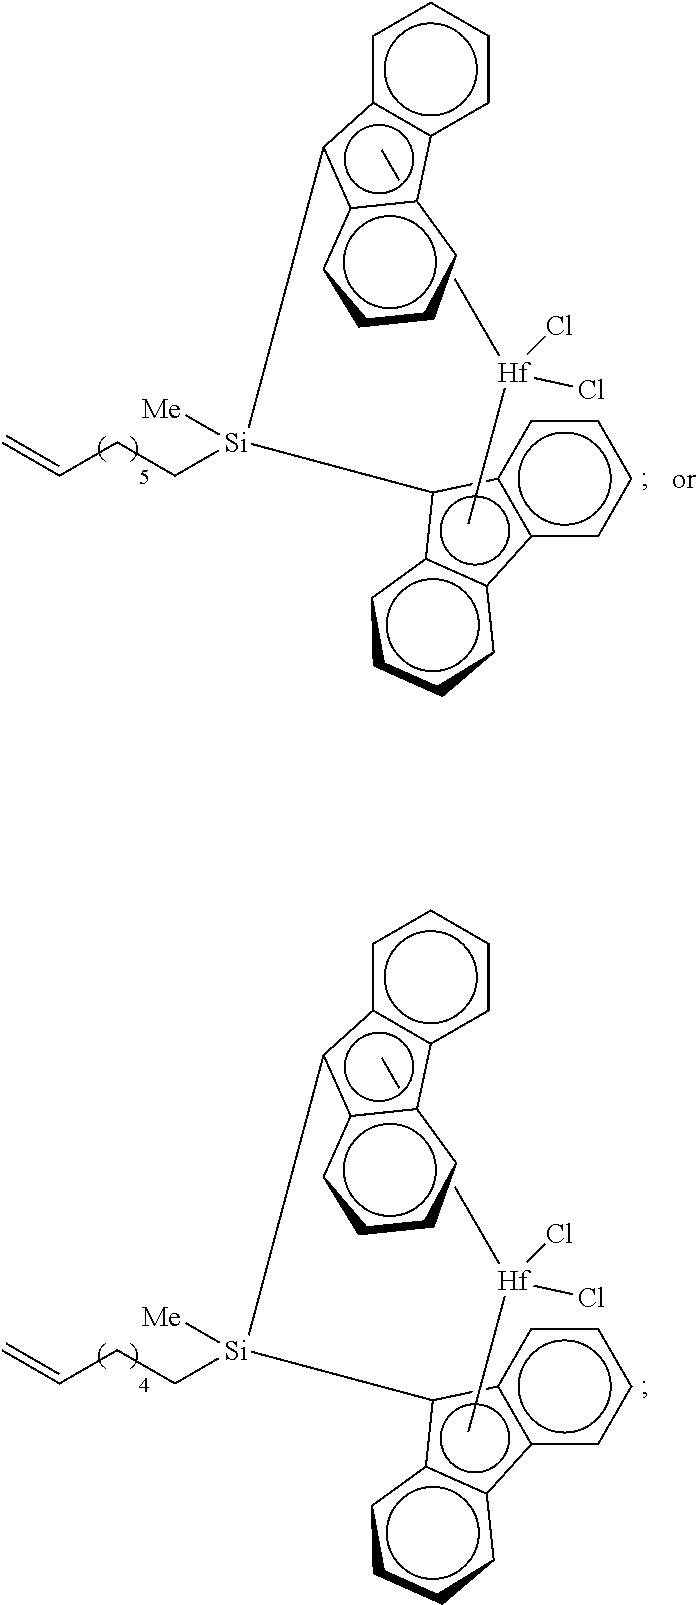 Figure US08143183-20120327-C00014